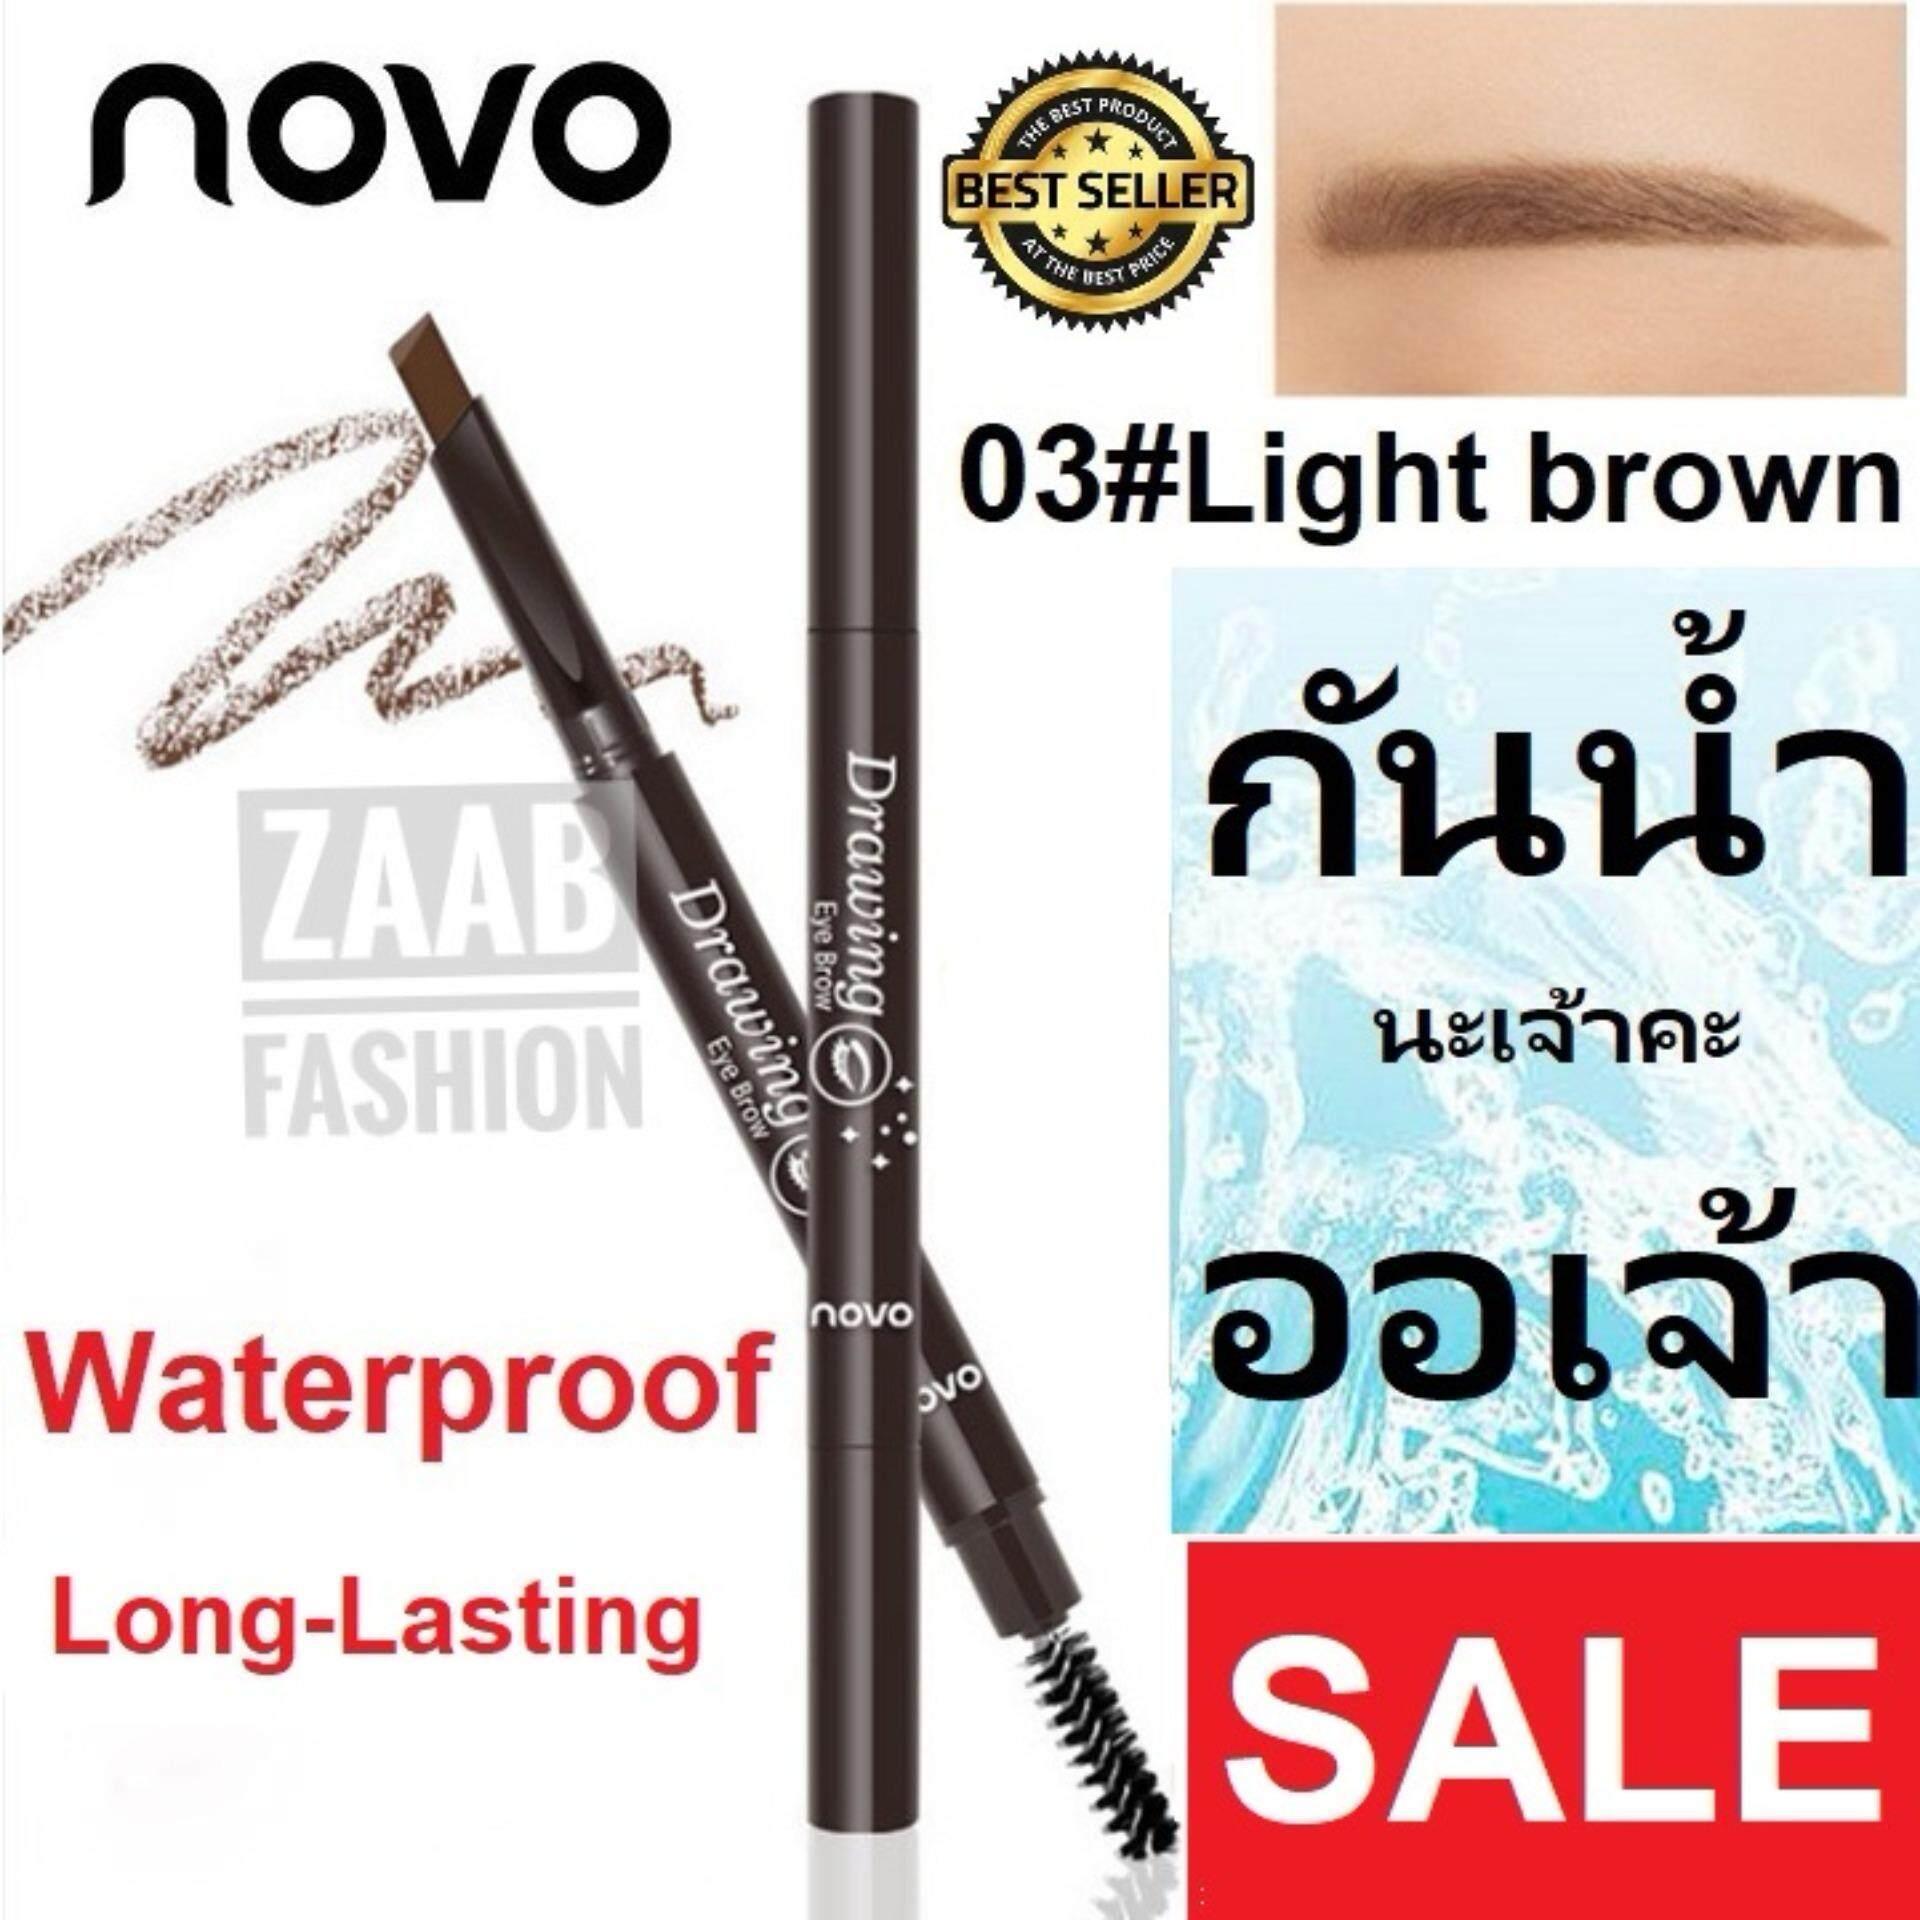 Novo ดินสอเขียนคิ้ว ของแท้ 100% (zaab Fashion) Novo Drawing Eye Brow ดินสอเขียนคิ้ว เนื้อเนียนนุ่ม เขียนง่าย ติดทน กันน้ำ มาในรูปออโต้เพนซิล ไม่ต้องเหลาให้เสียเวลา .